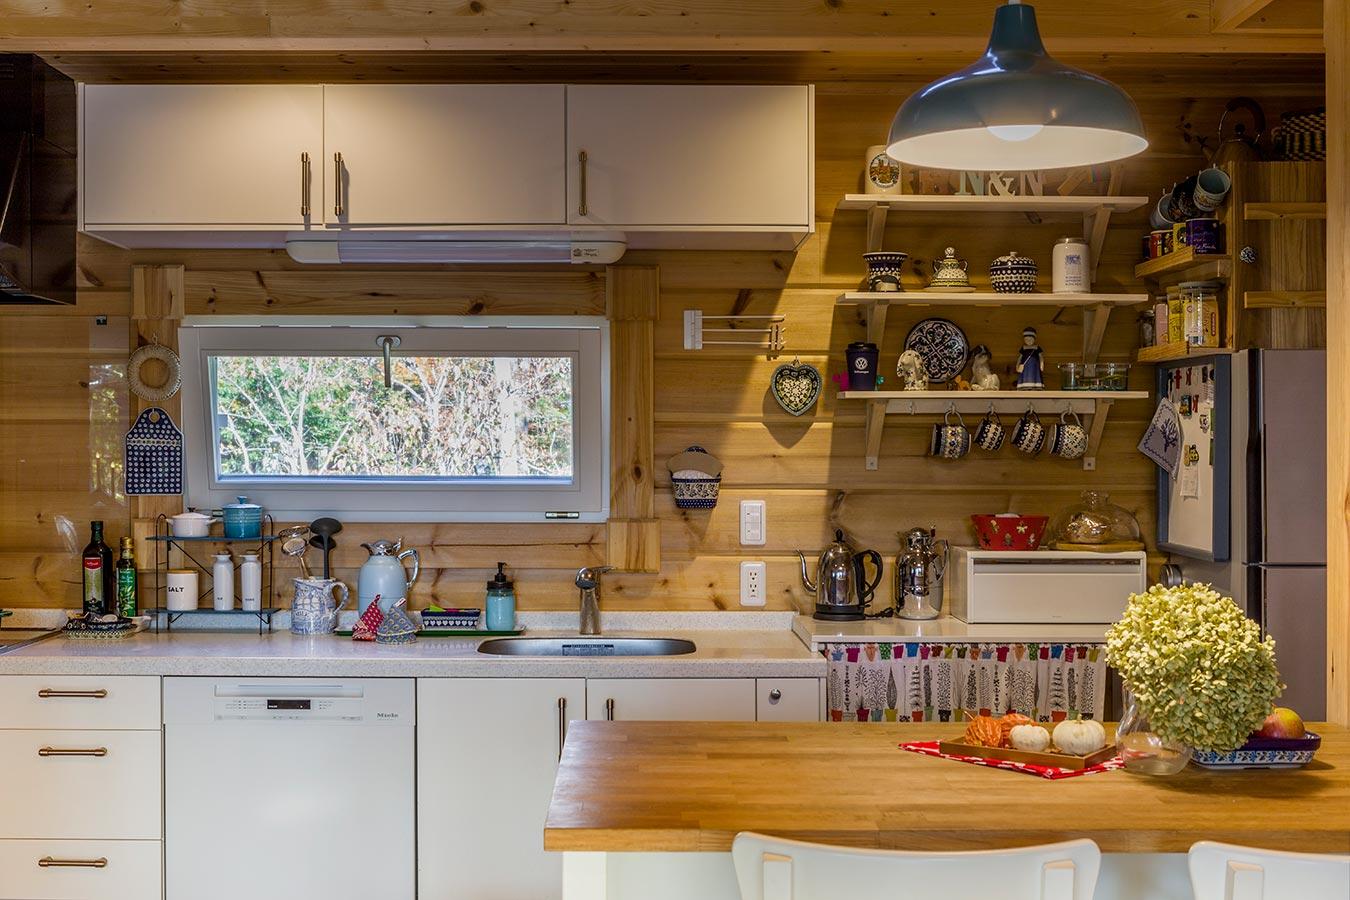 I型キッチンの壁には、世界各地で求めた思い出の品々も飾られています